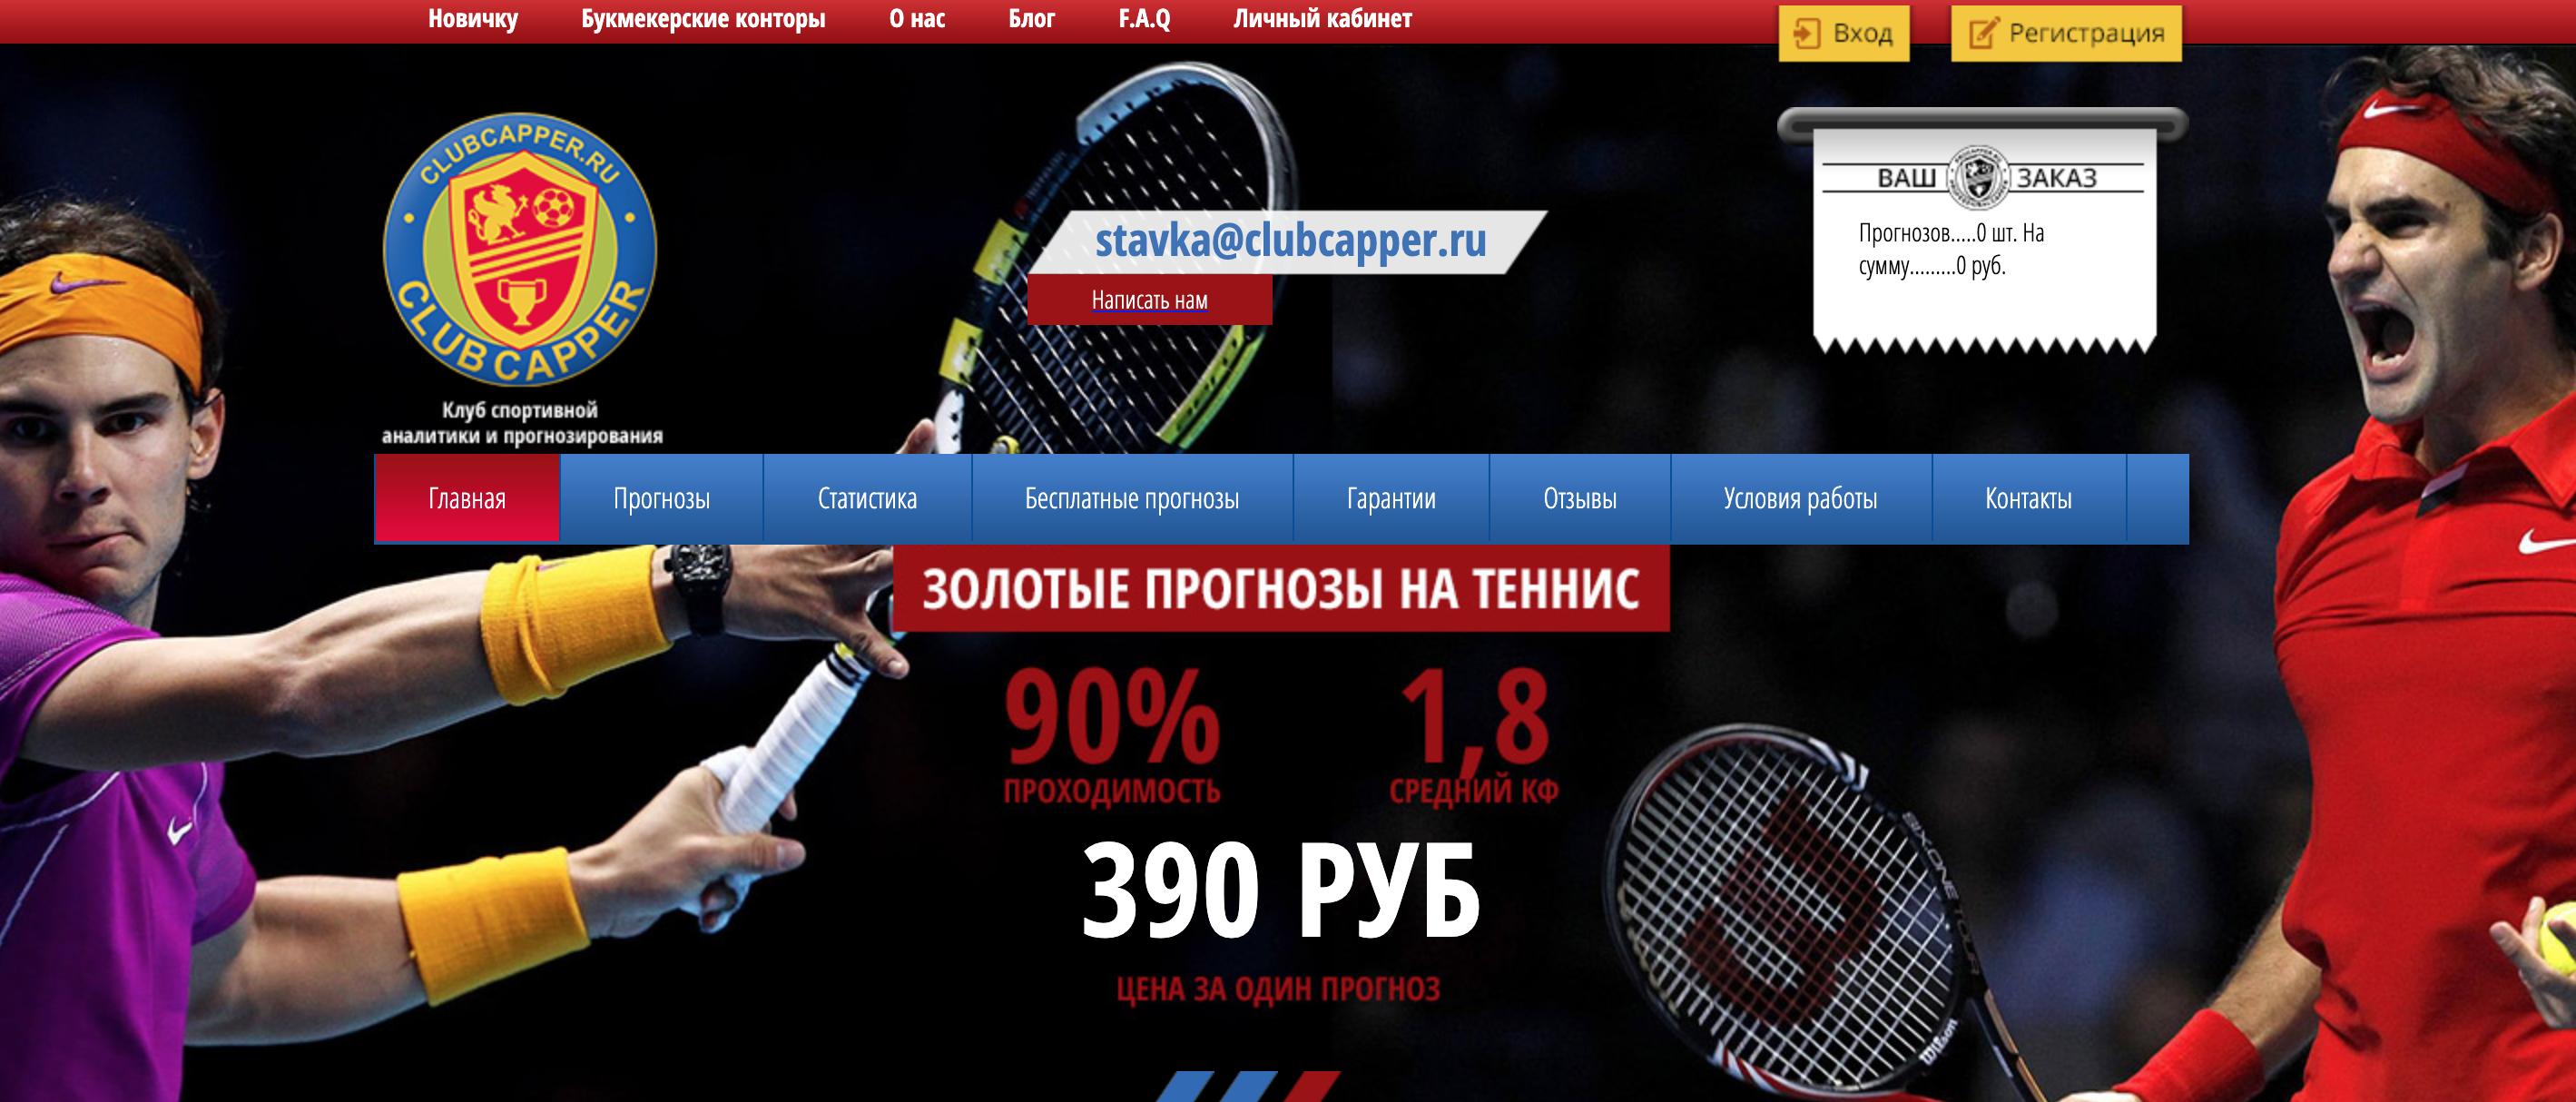 Страница сайта ClubCapper ru (Клубкаппер)